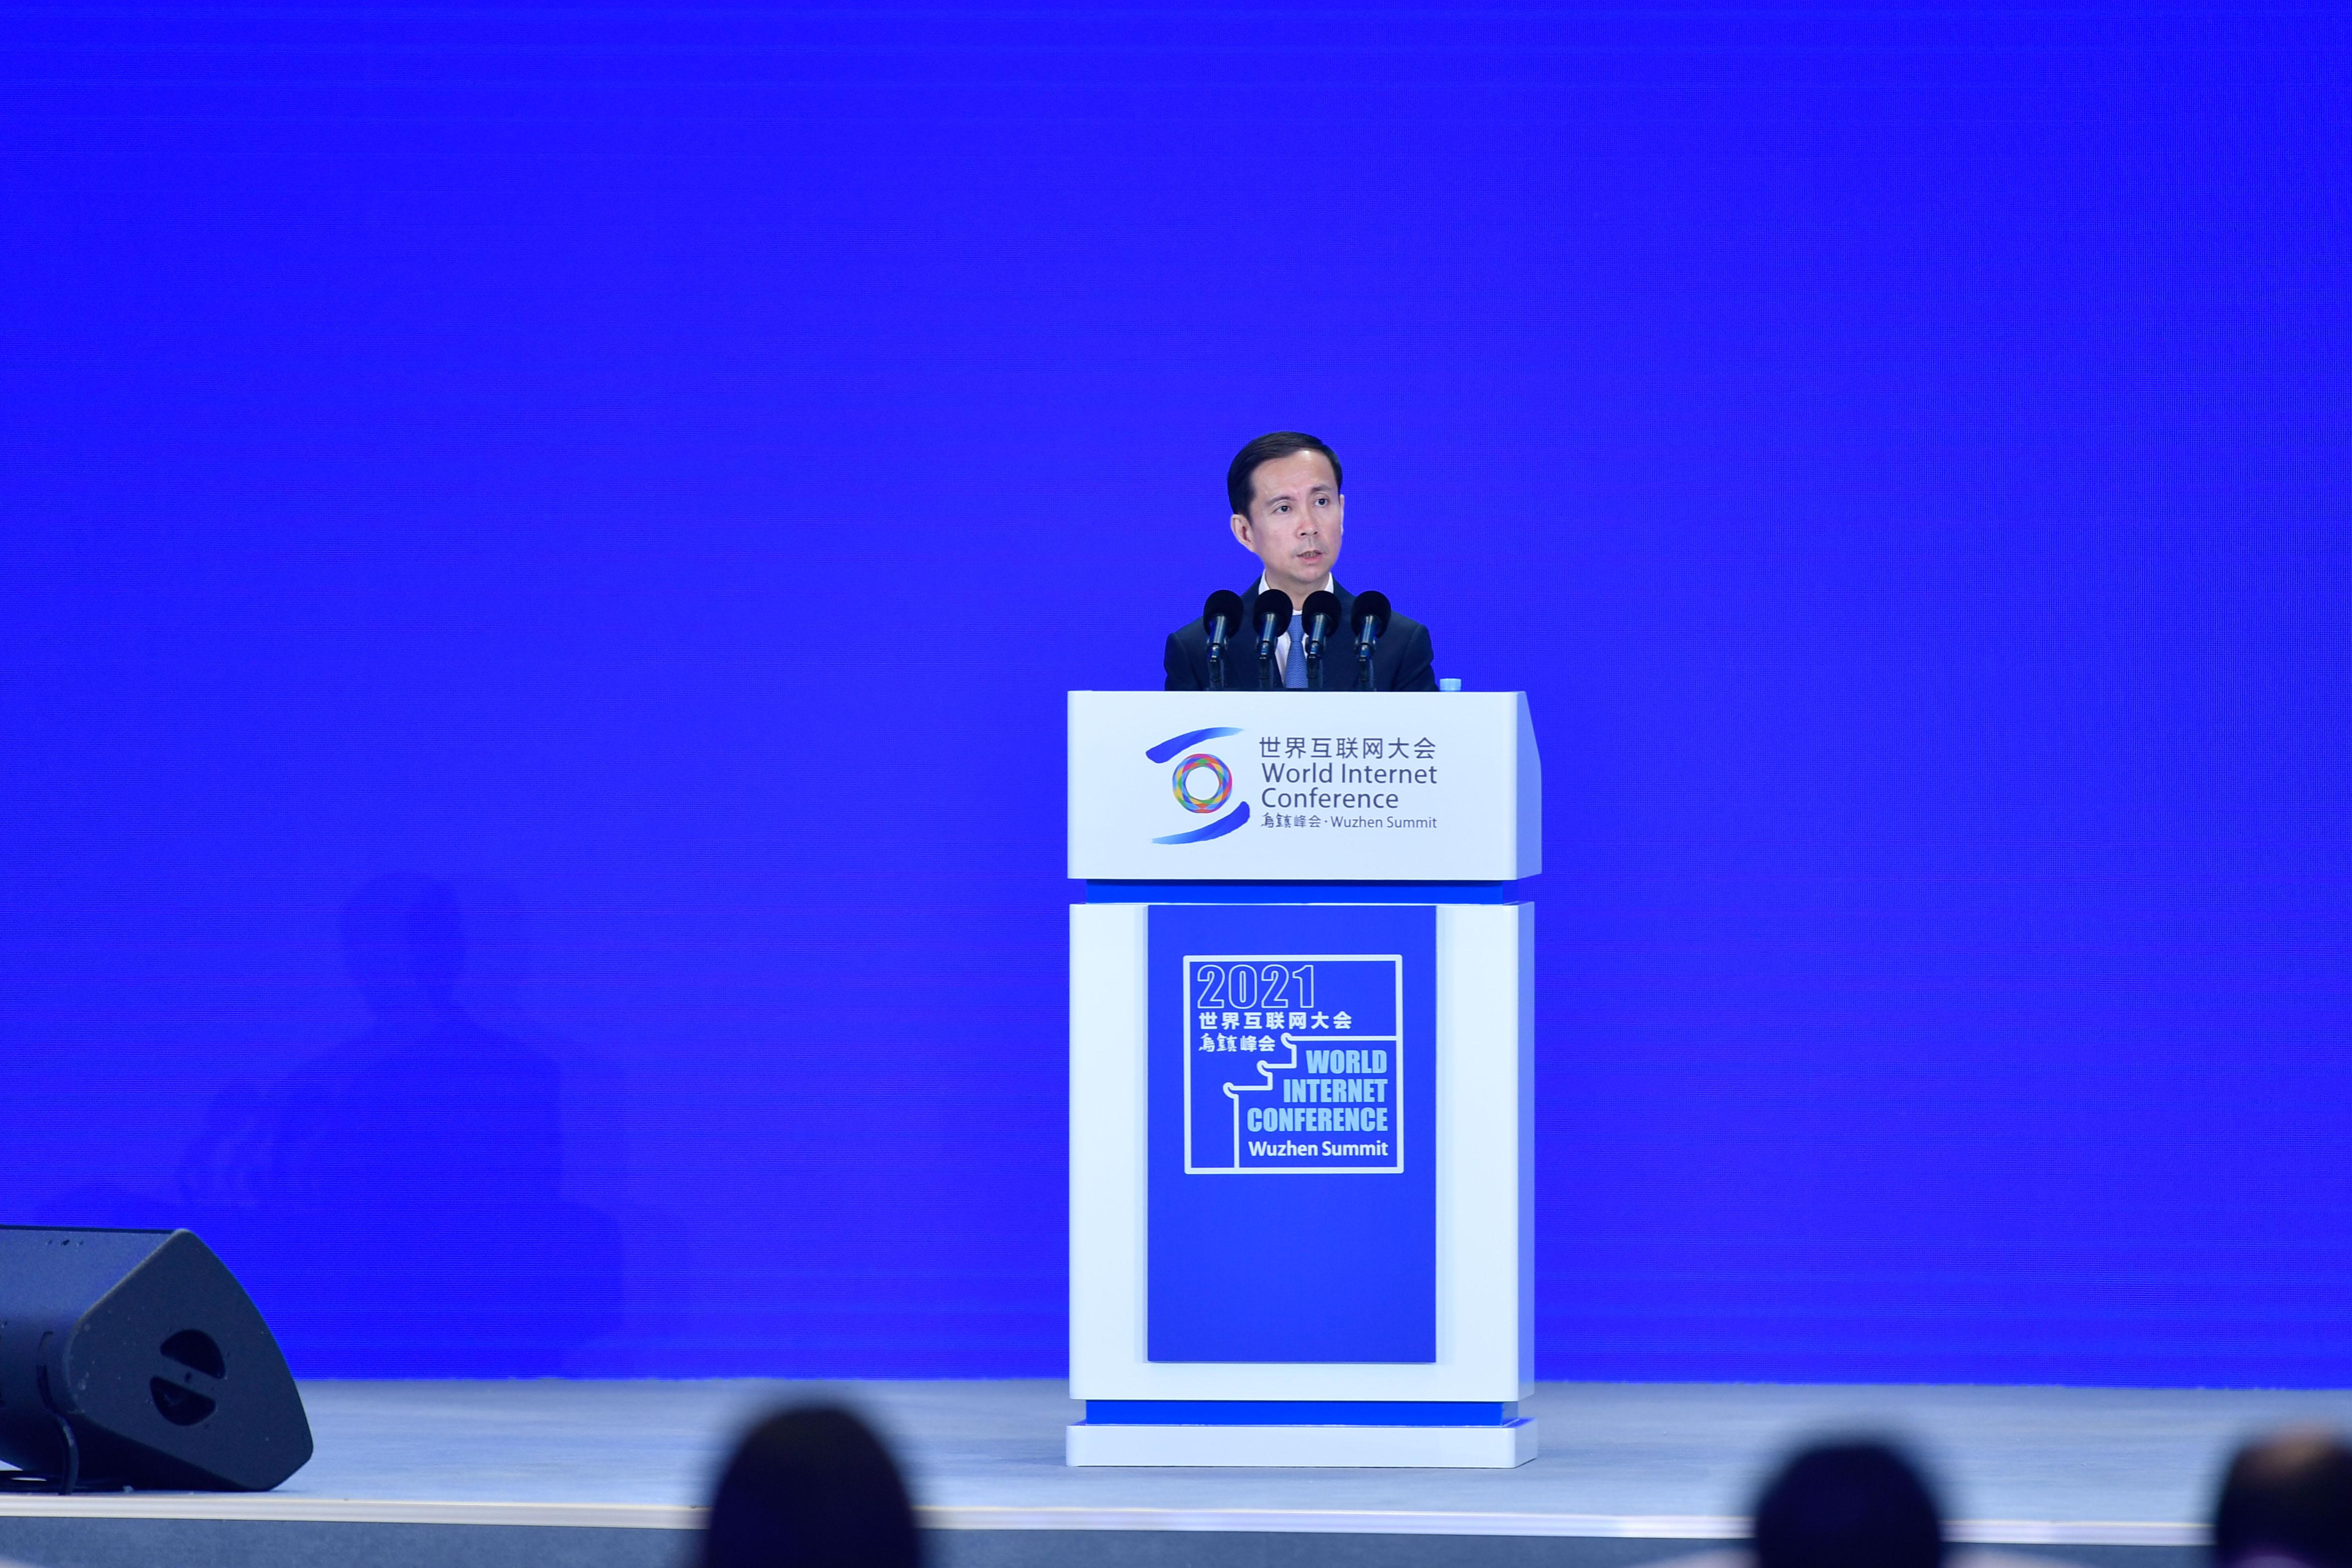 Daniel Zhang, Chairman dan CEO dari Alibaba Group, dalam Konferensi Internet Dunia di Tiongkok-ESG-1